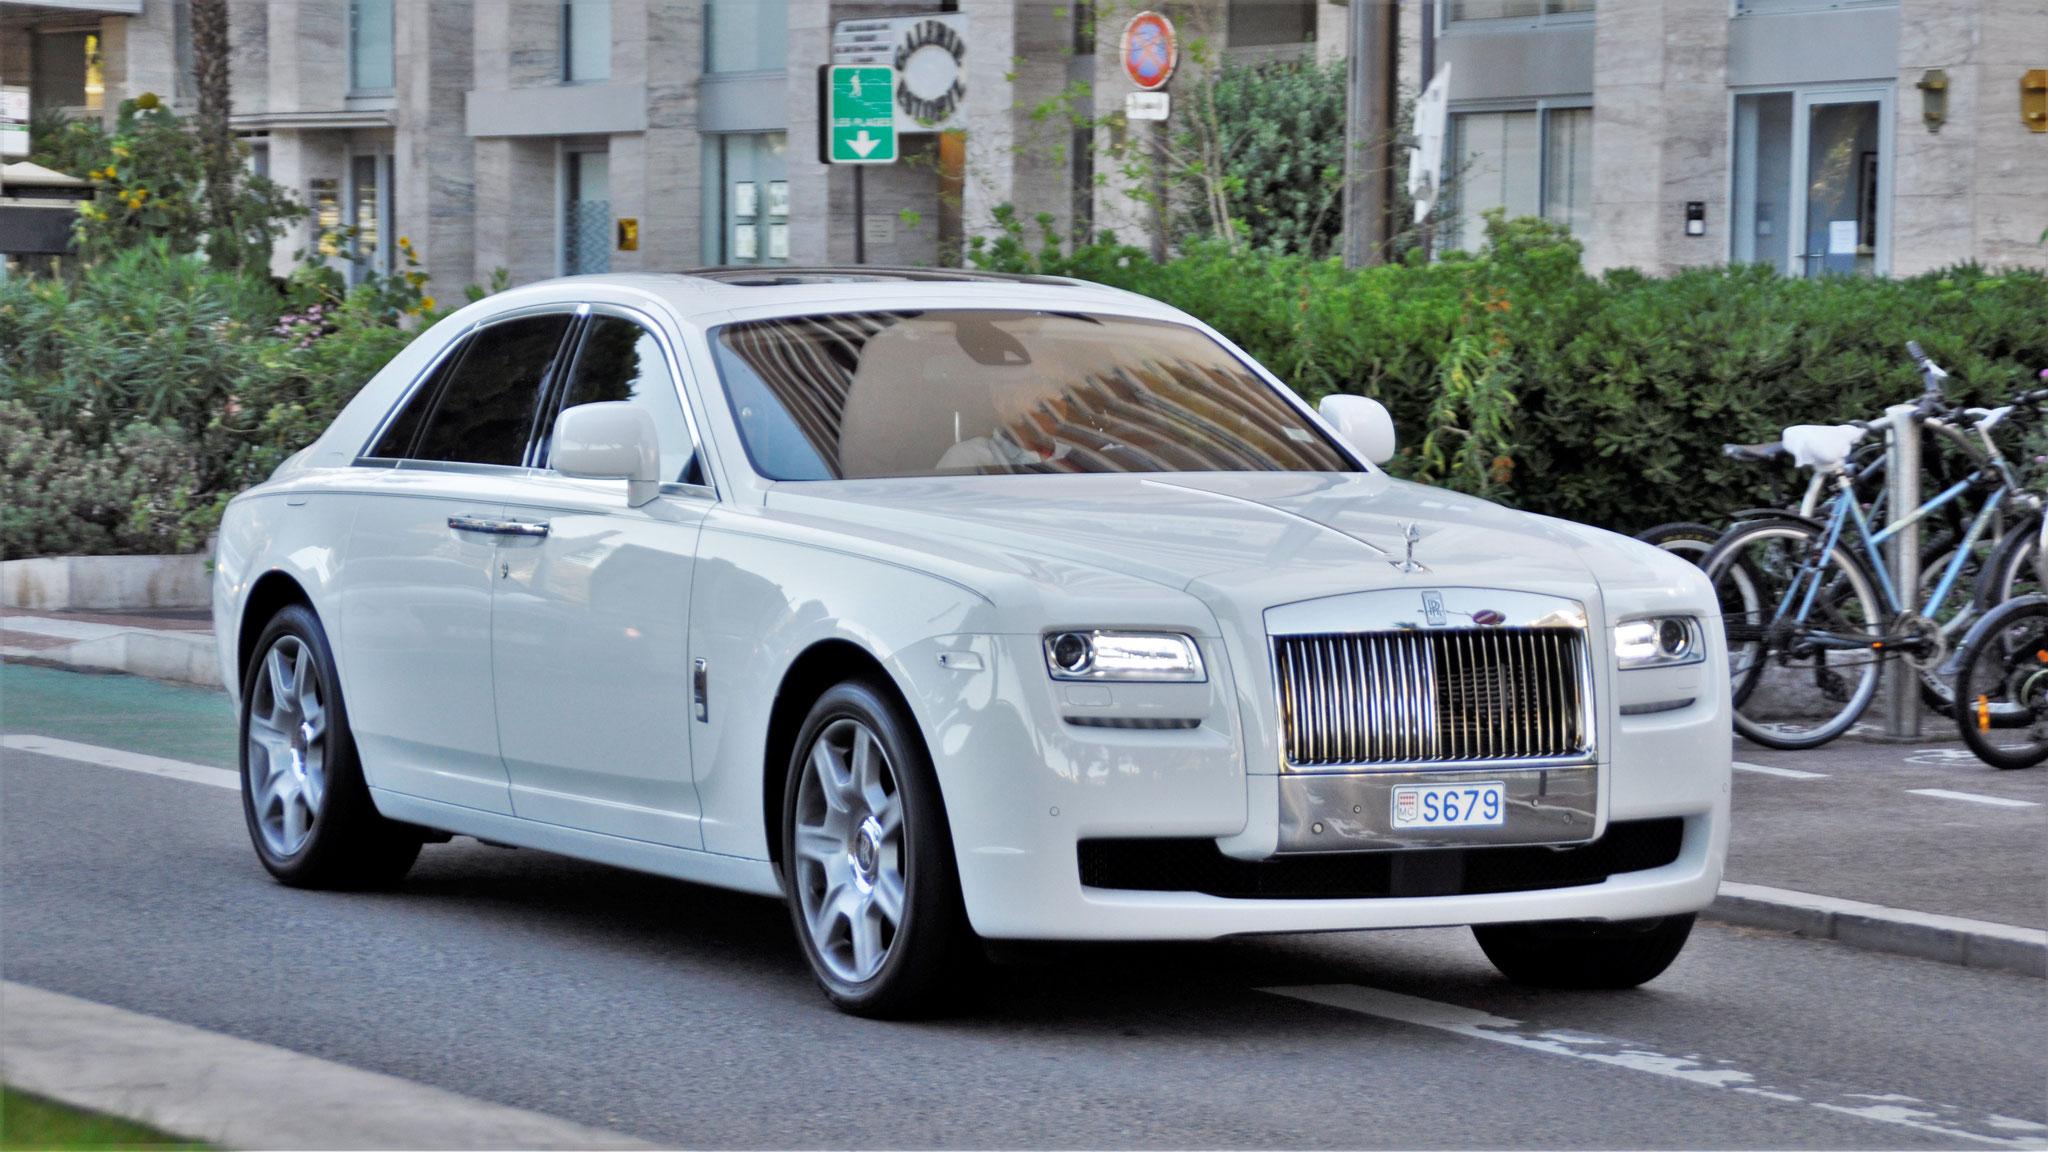 Rolls Royce Ghost - S679 (MC)